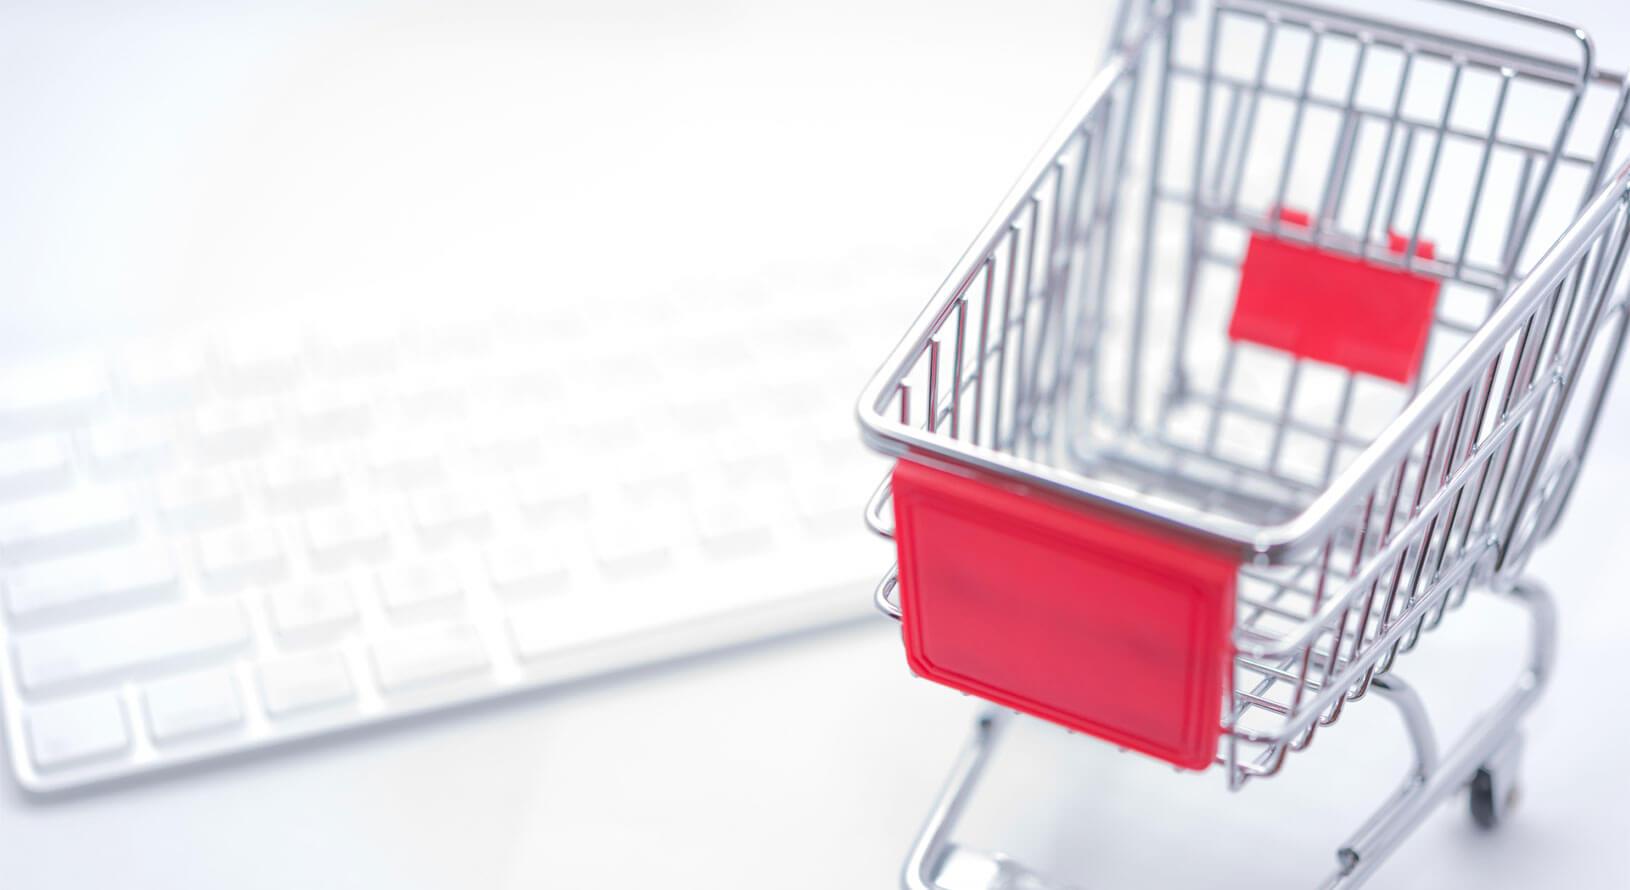 愛知県尾張旭市・名古屋市・瀬戸市・春日井市・長久手市の明日色Webでは、集客力の高いネットショップ開店のお手伝いをいたします